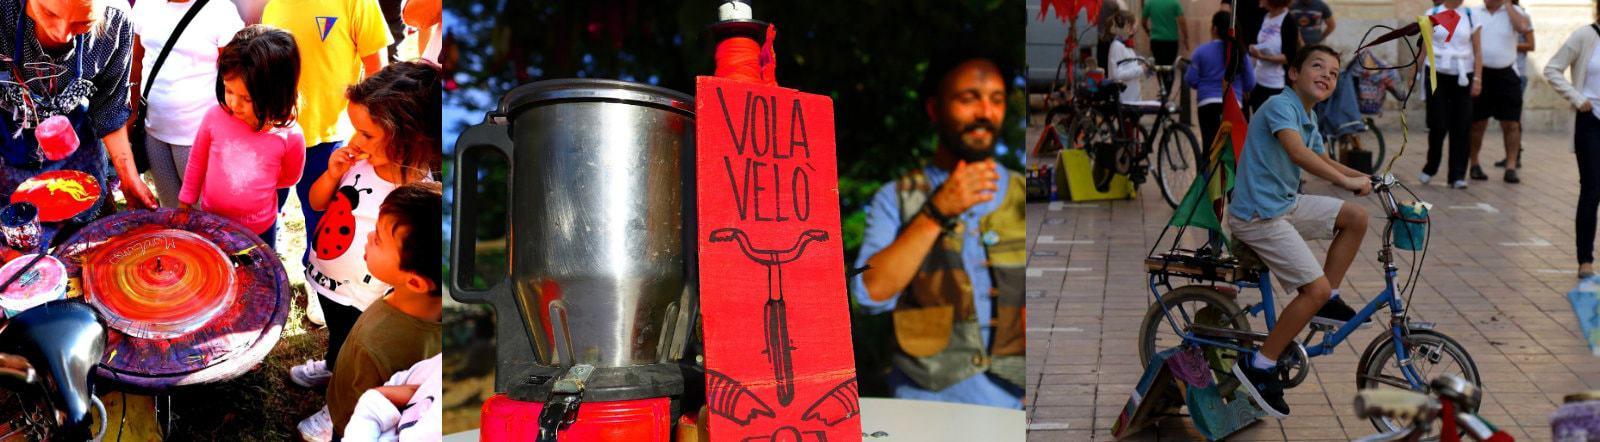 VolaVelò / Giardinetti / area gioco 0-99 anni / Artisti in Piazza / Pennabilli festival